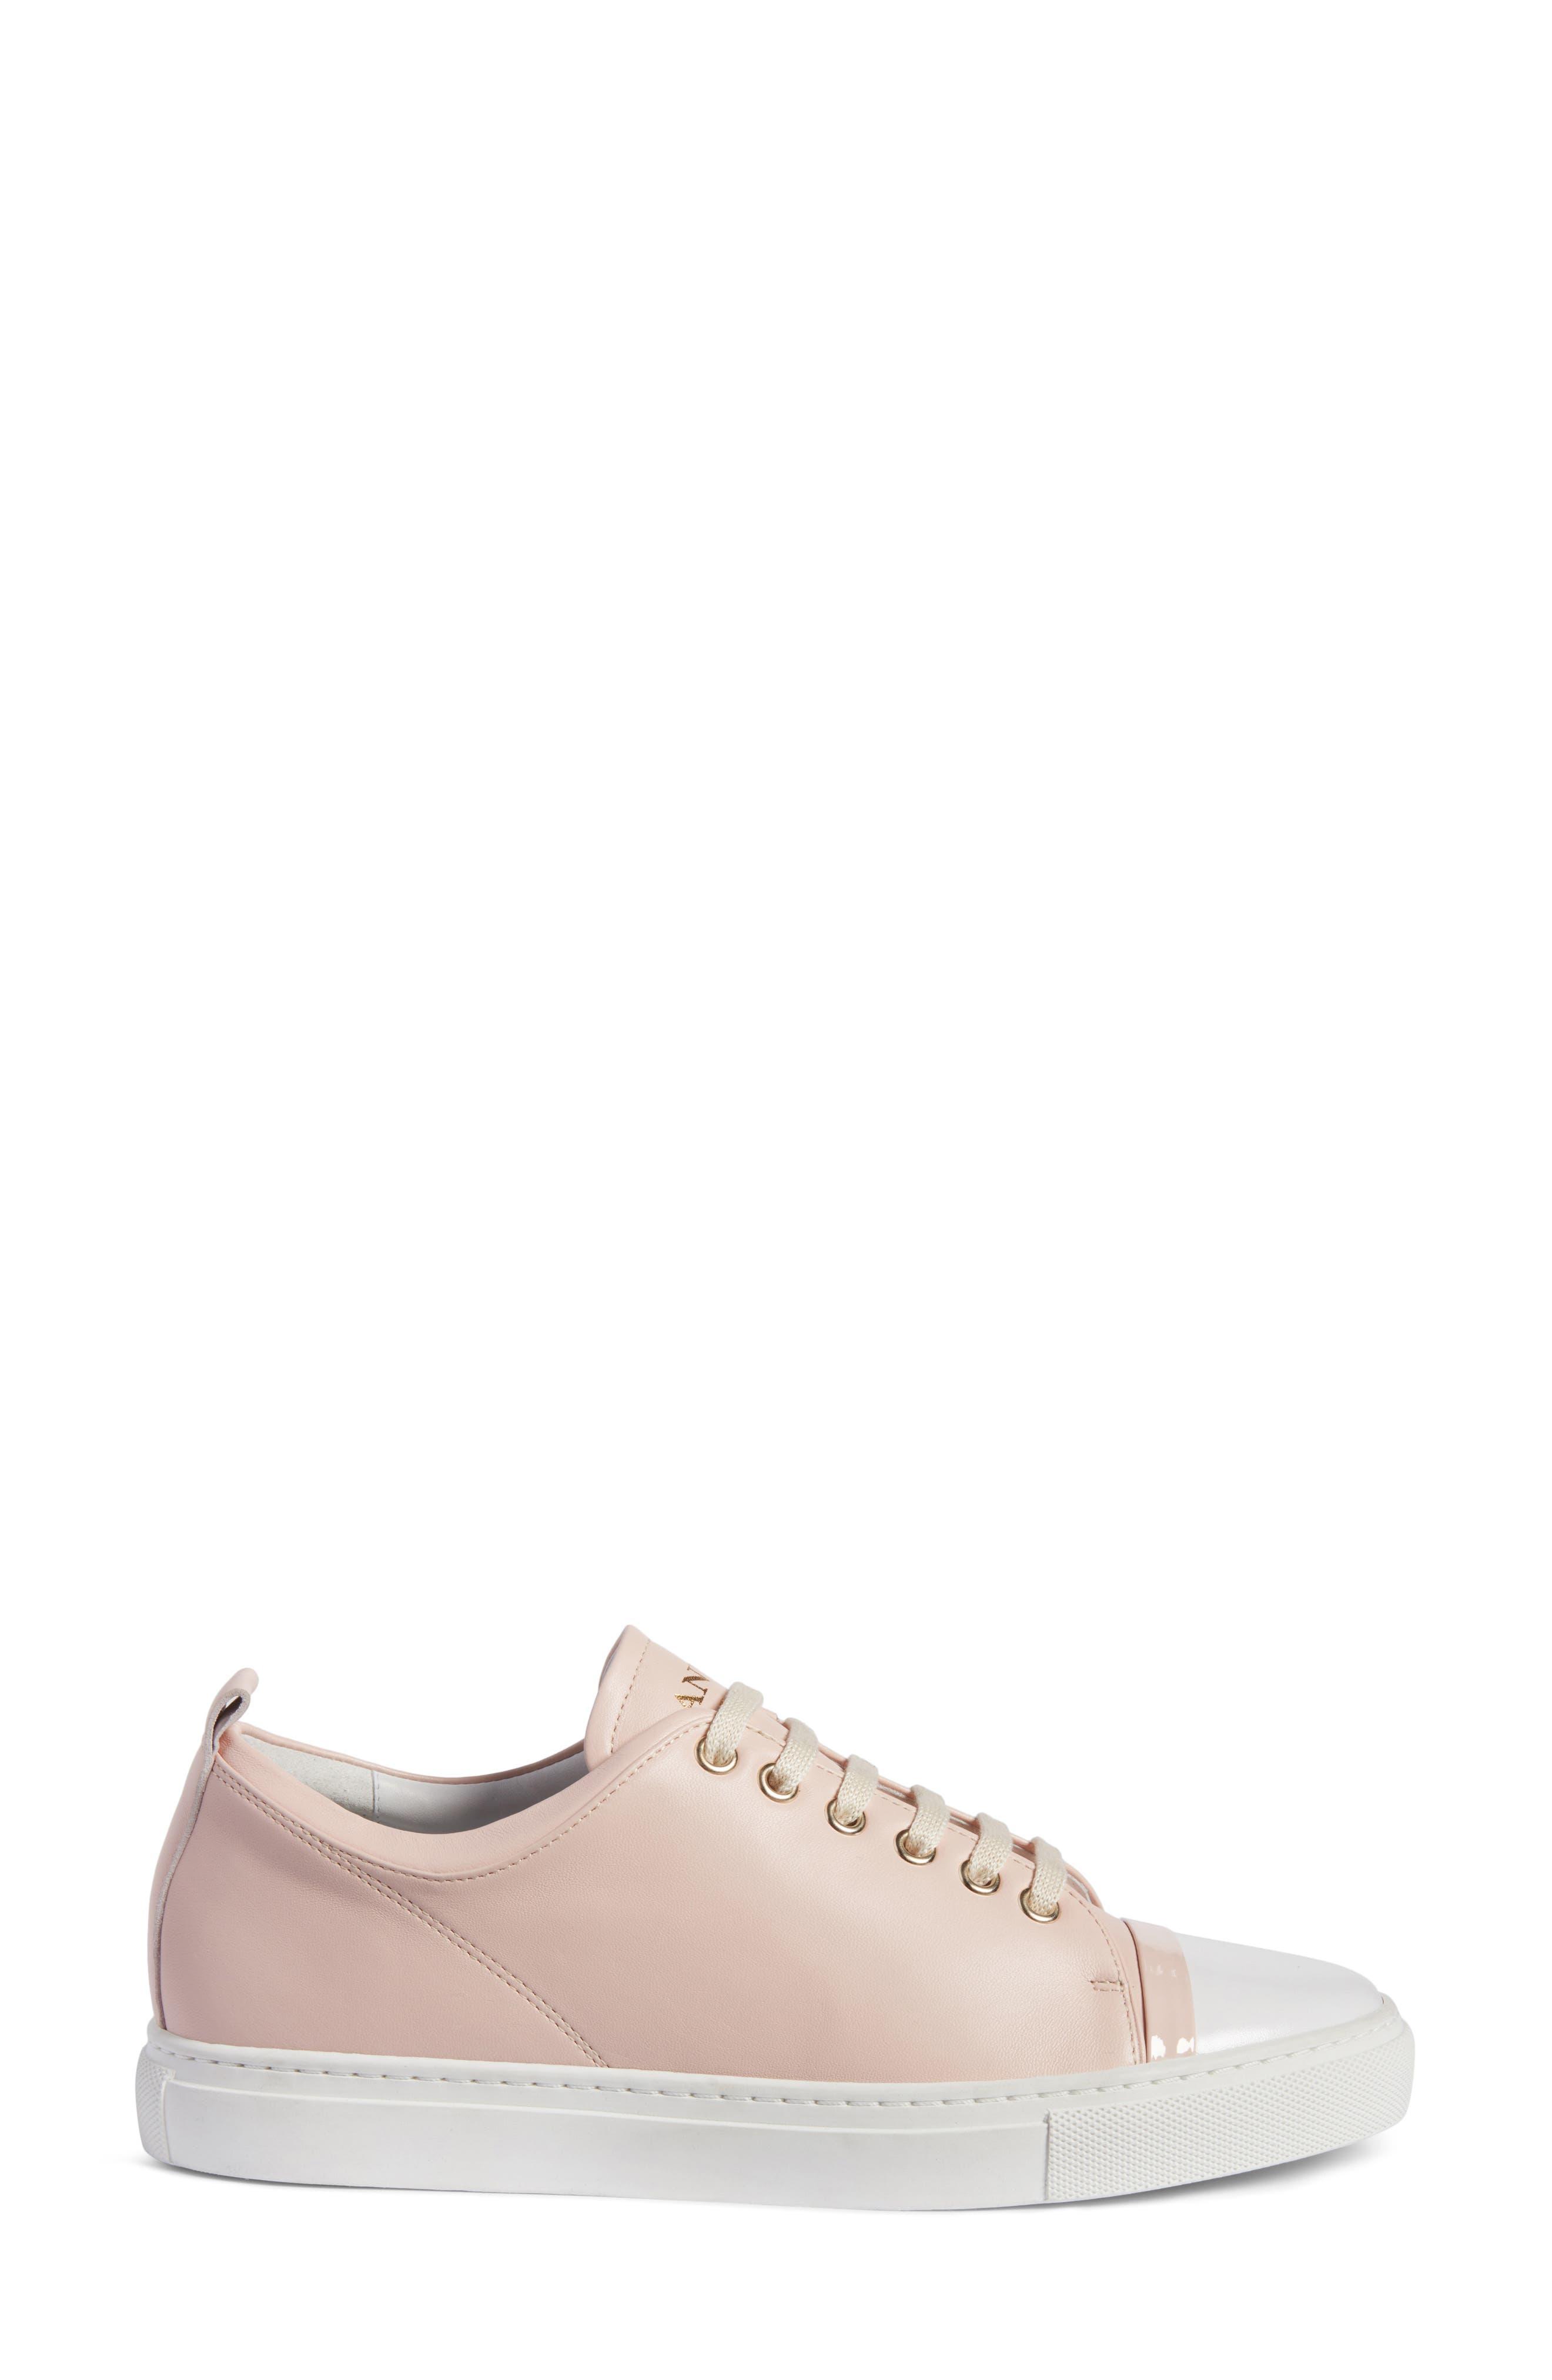 Low Top Sneaker,                             Alternate thumbnail 3, color,                             650